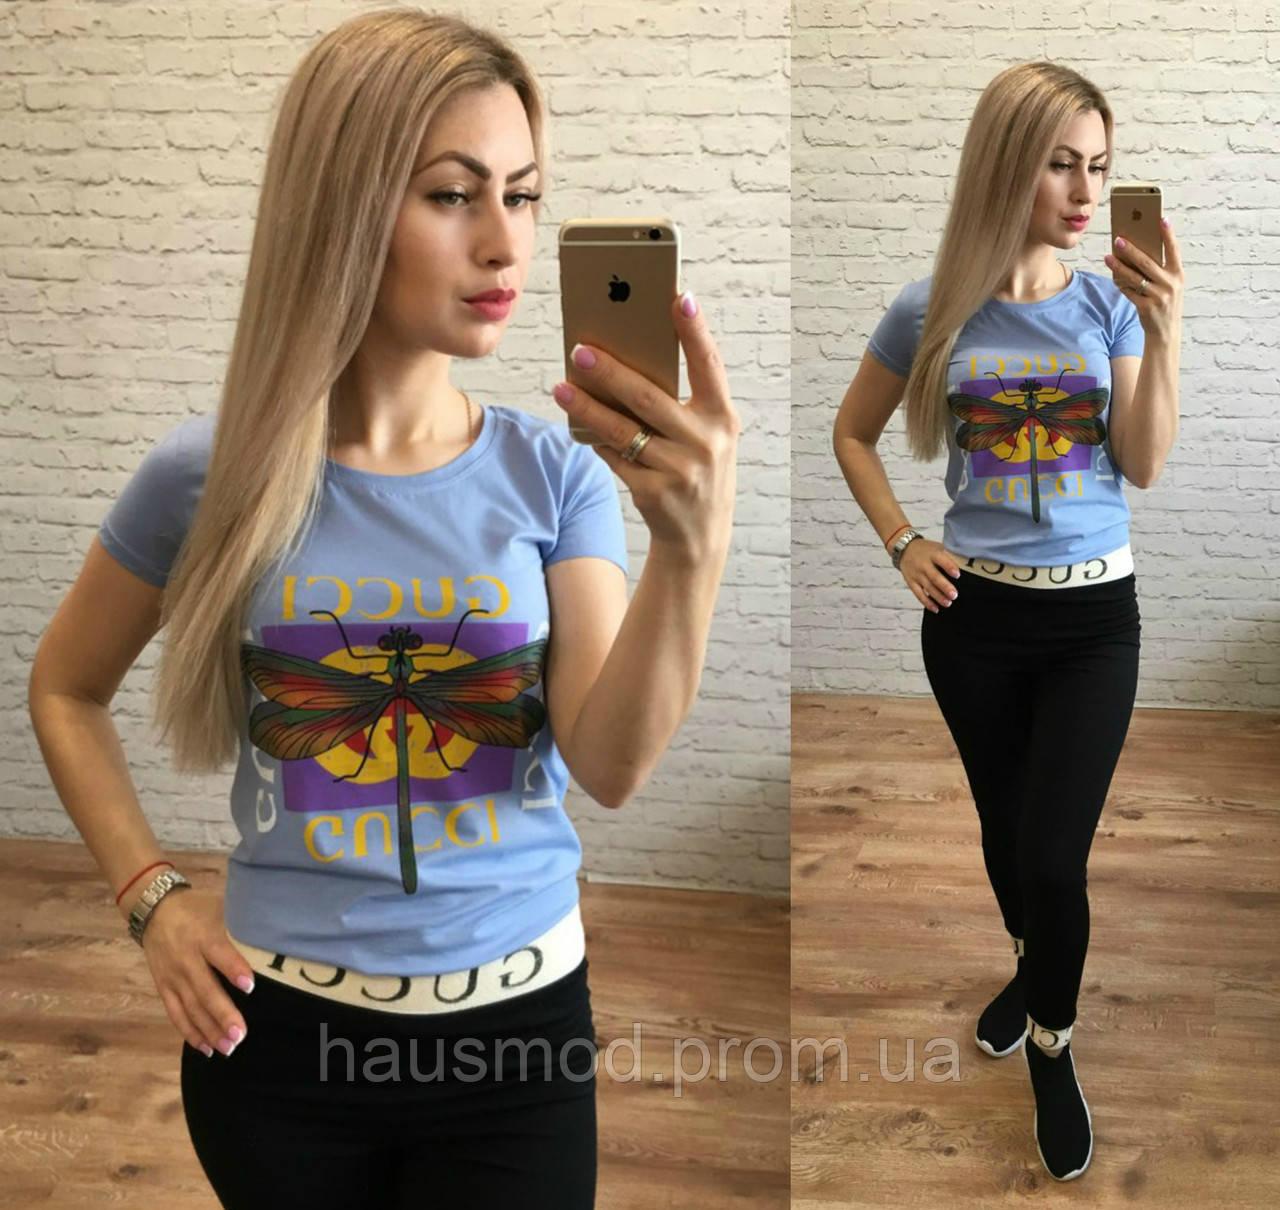 Женская стильная футболка реплика Gucci стрекоза небесный